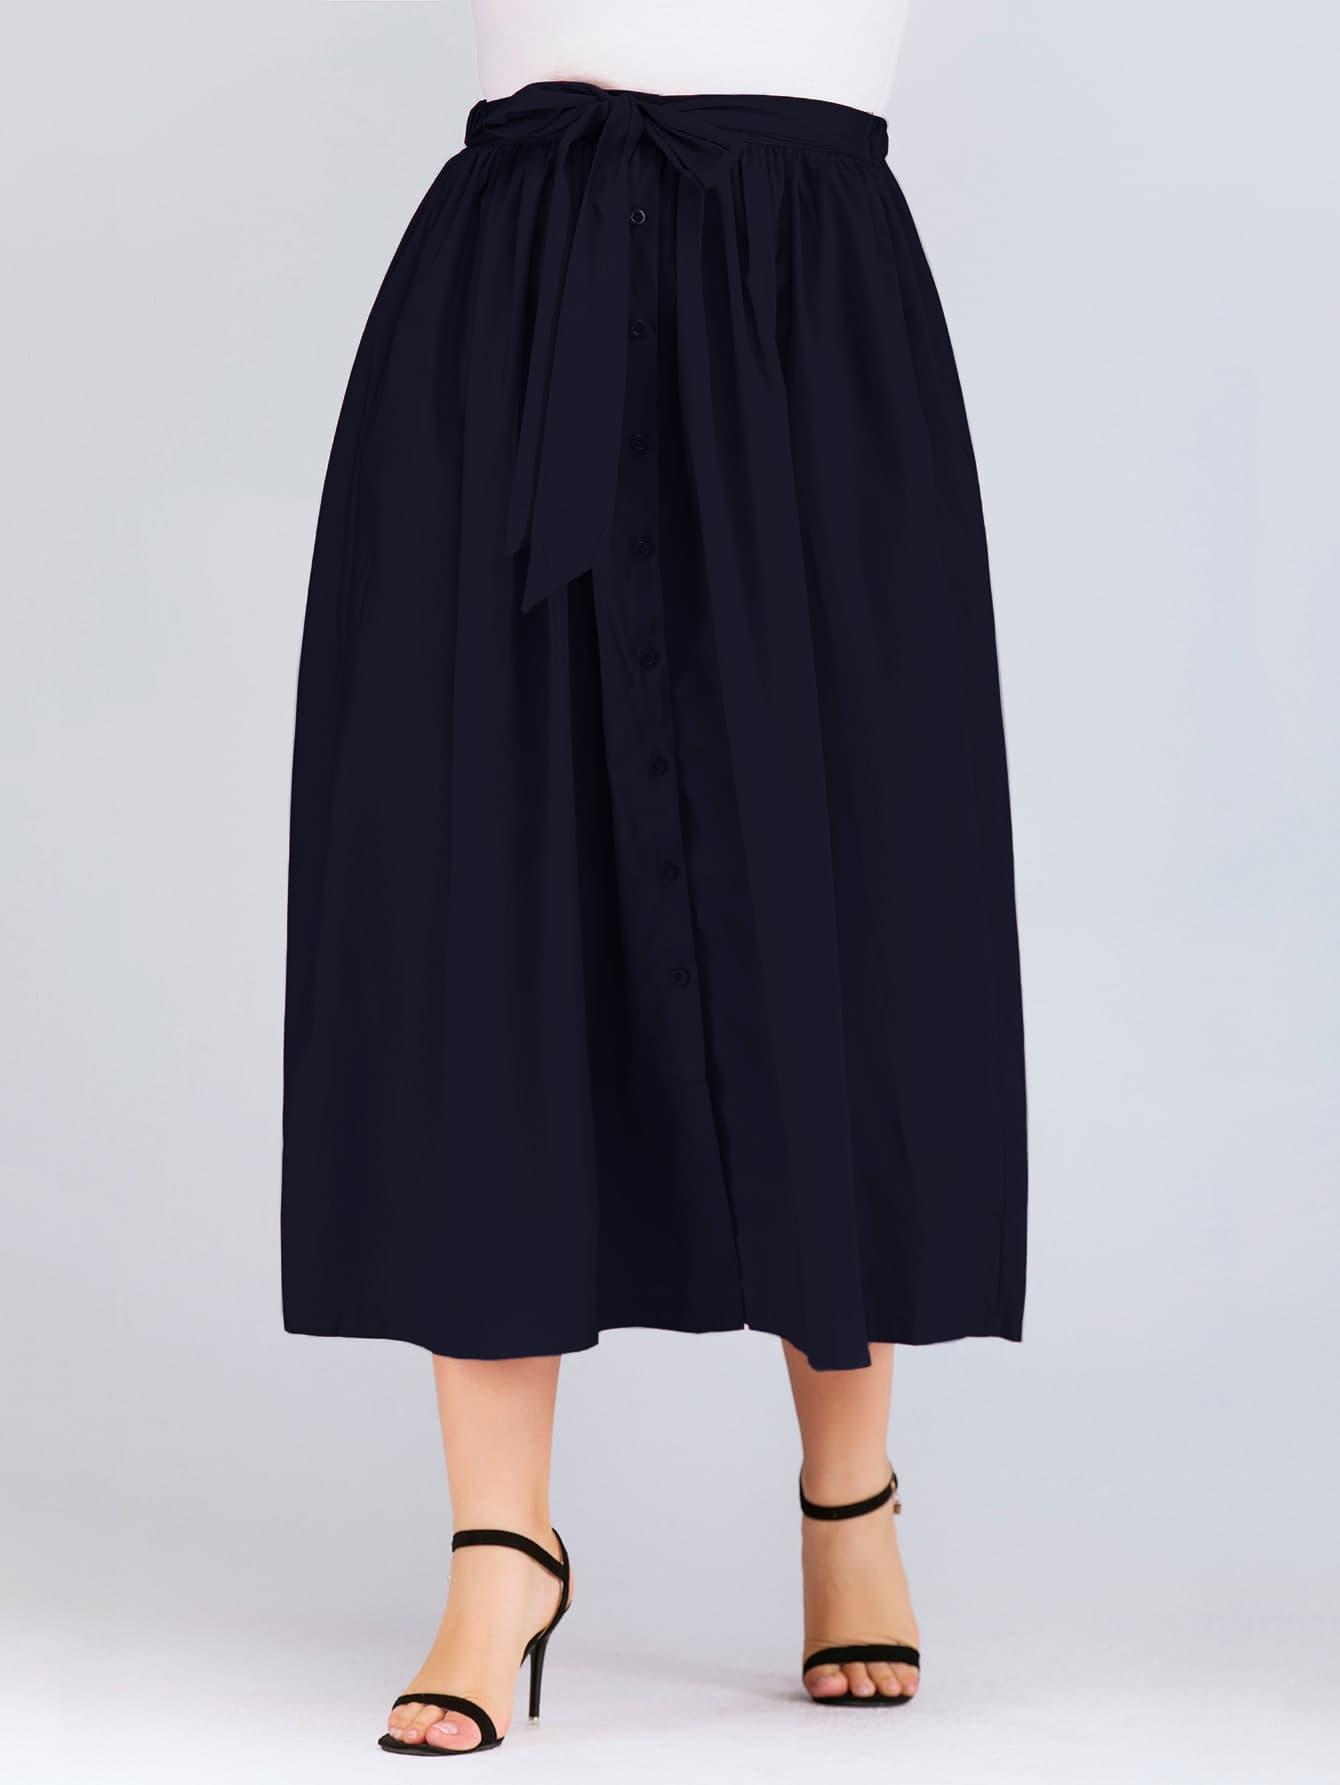 Фото - Однотонная юбка размера плюс с пуговицами и узлом от SheIn цвет тёмно-синие